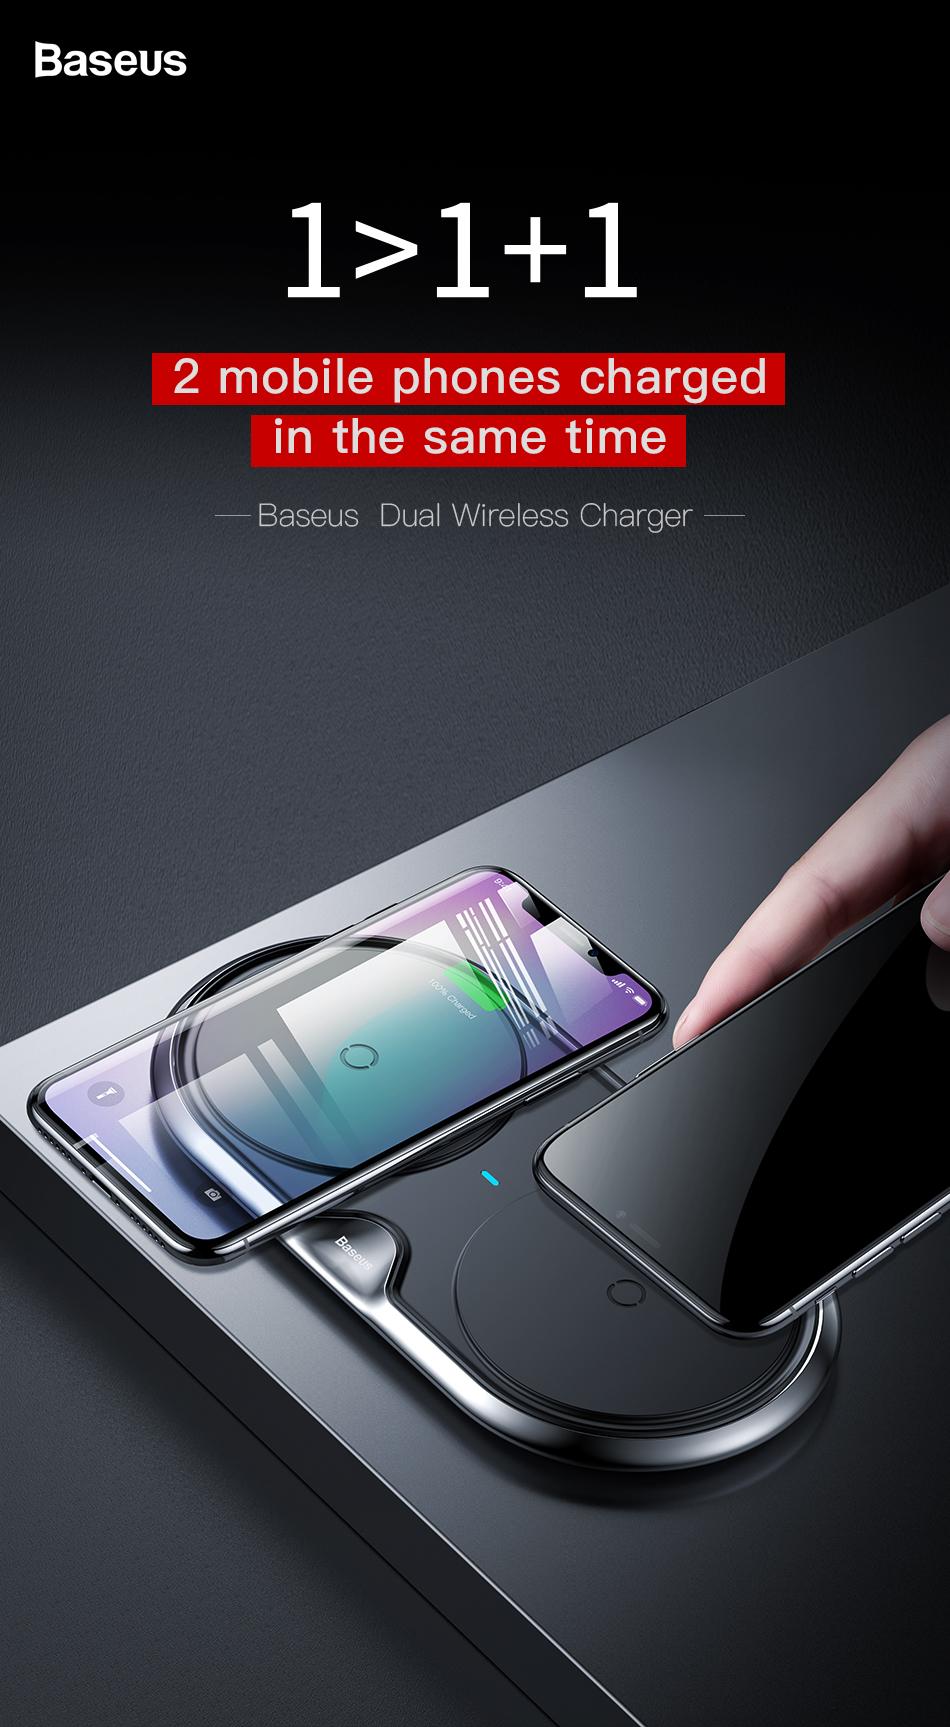 Baseus Dual Seat Qi Wireless Charger 10w Buy Online Gazzeto Desktop Htb1hptpxer1benjy0fmq6z0wvxaz